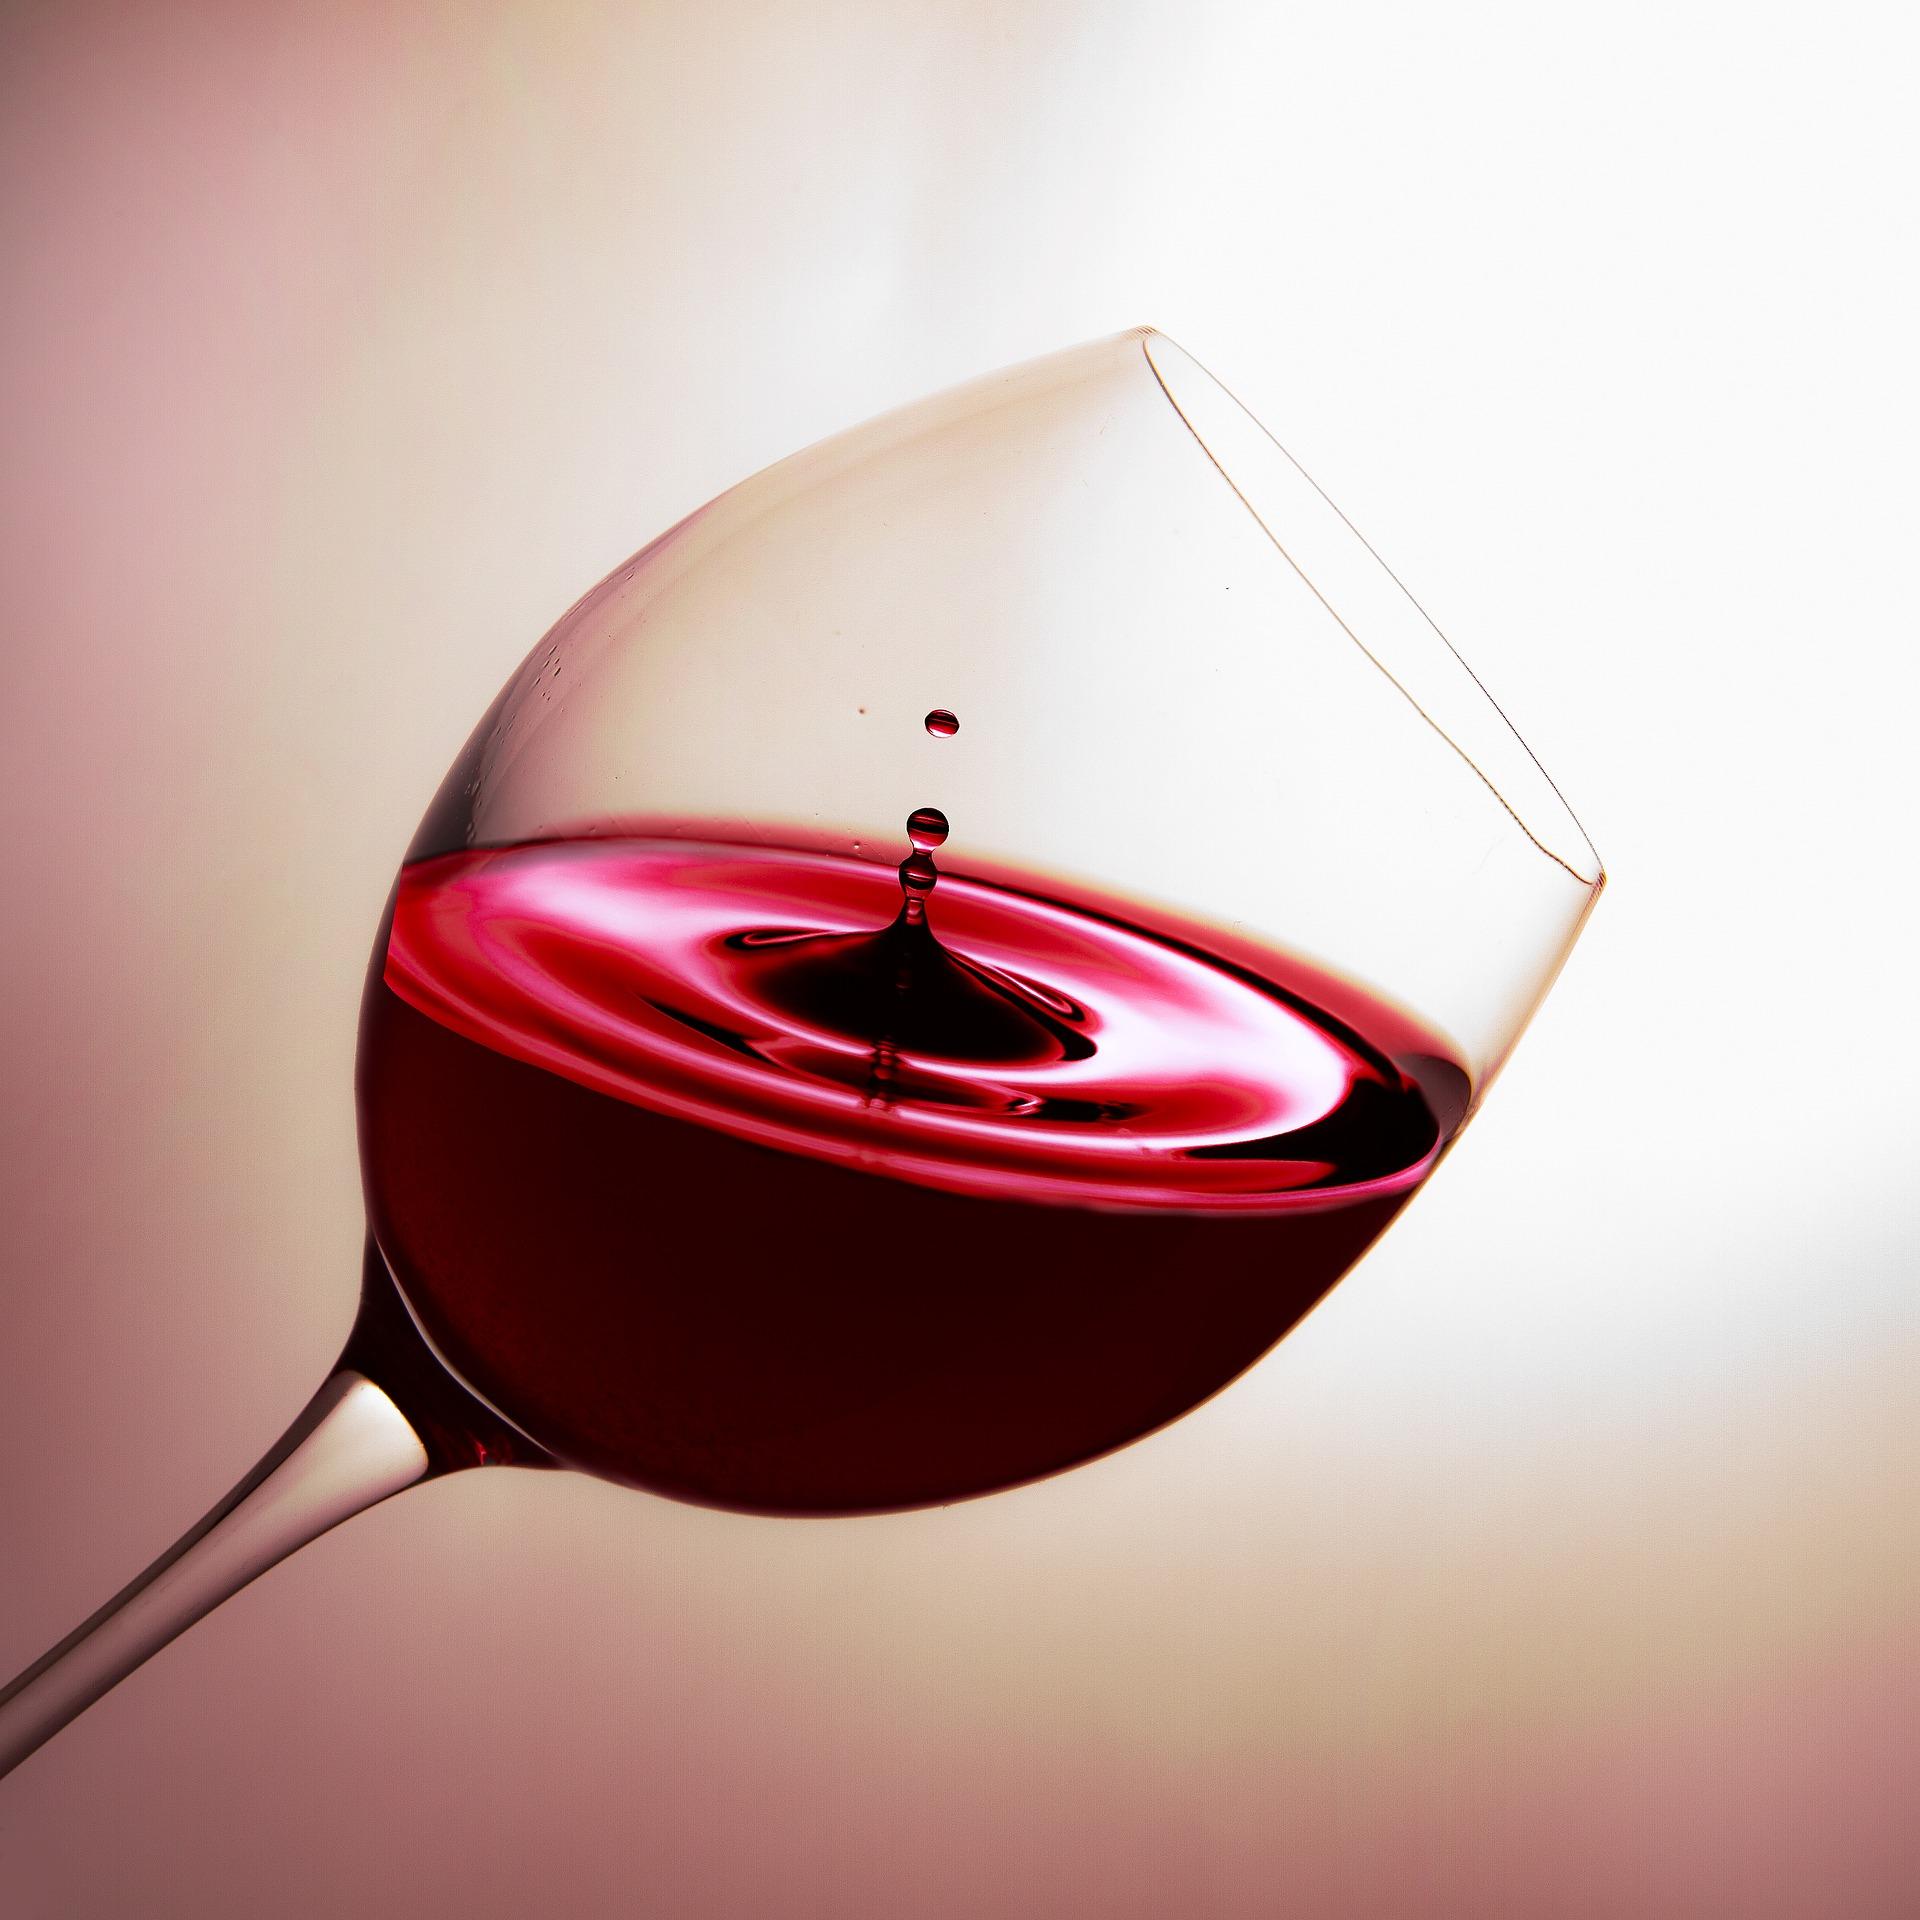 Imagen de referencia de El vino y los gratos momentos